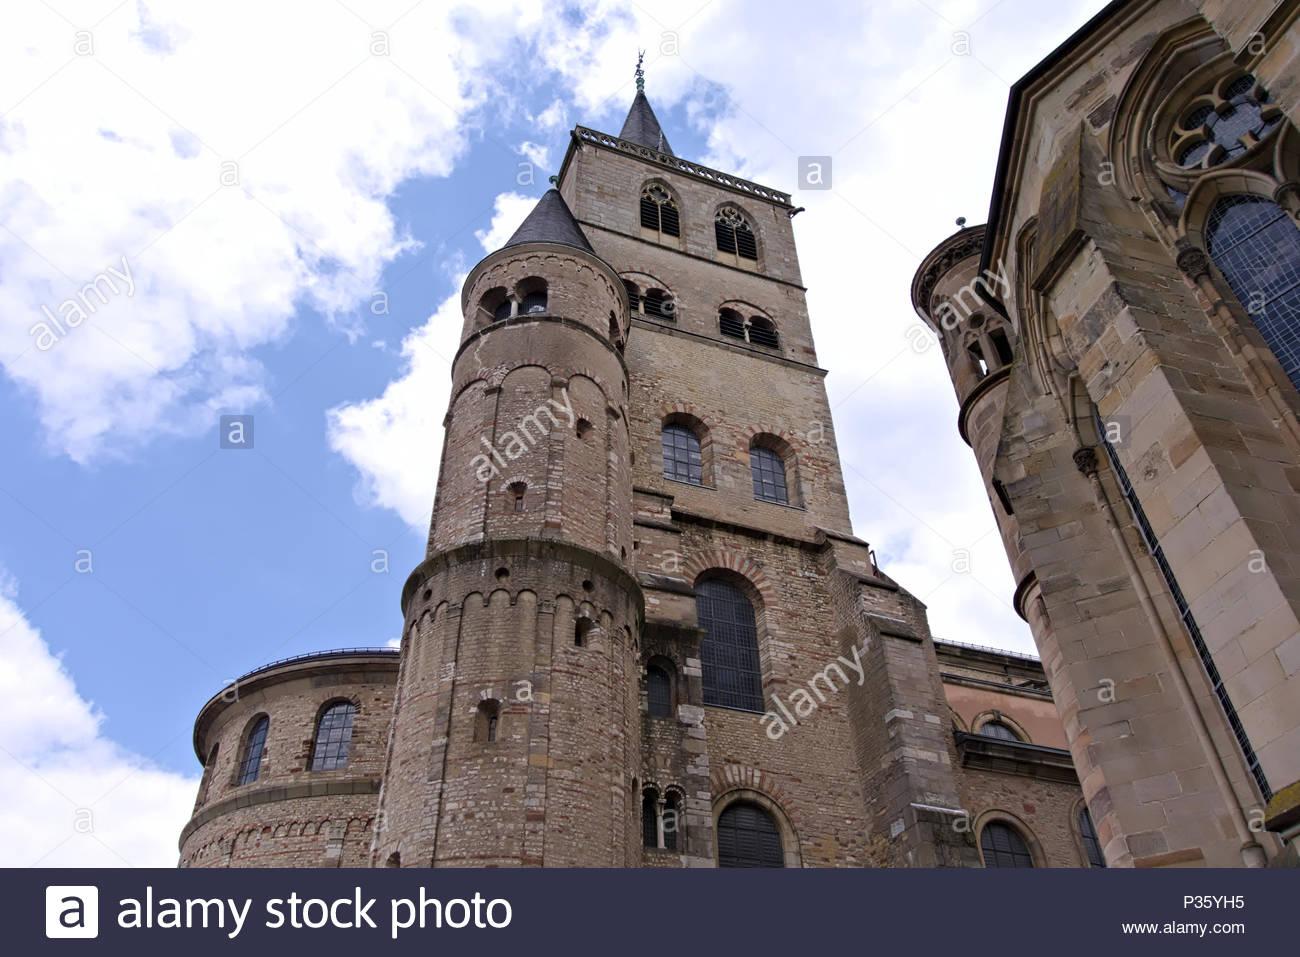 The High Cathedral of Saint Peter in Trier, Germany. Trierer Dom ist die älteste Bischofskirche Deutschlands und das bedeutende sakrale Bauwerk. Stock Photo